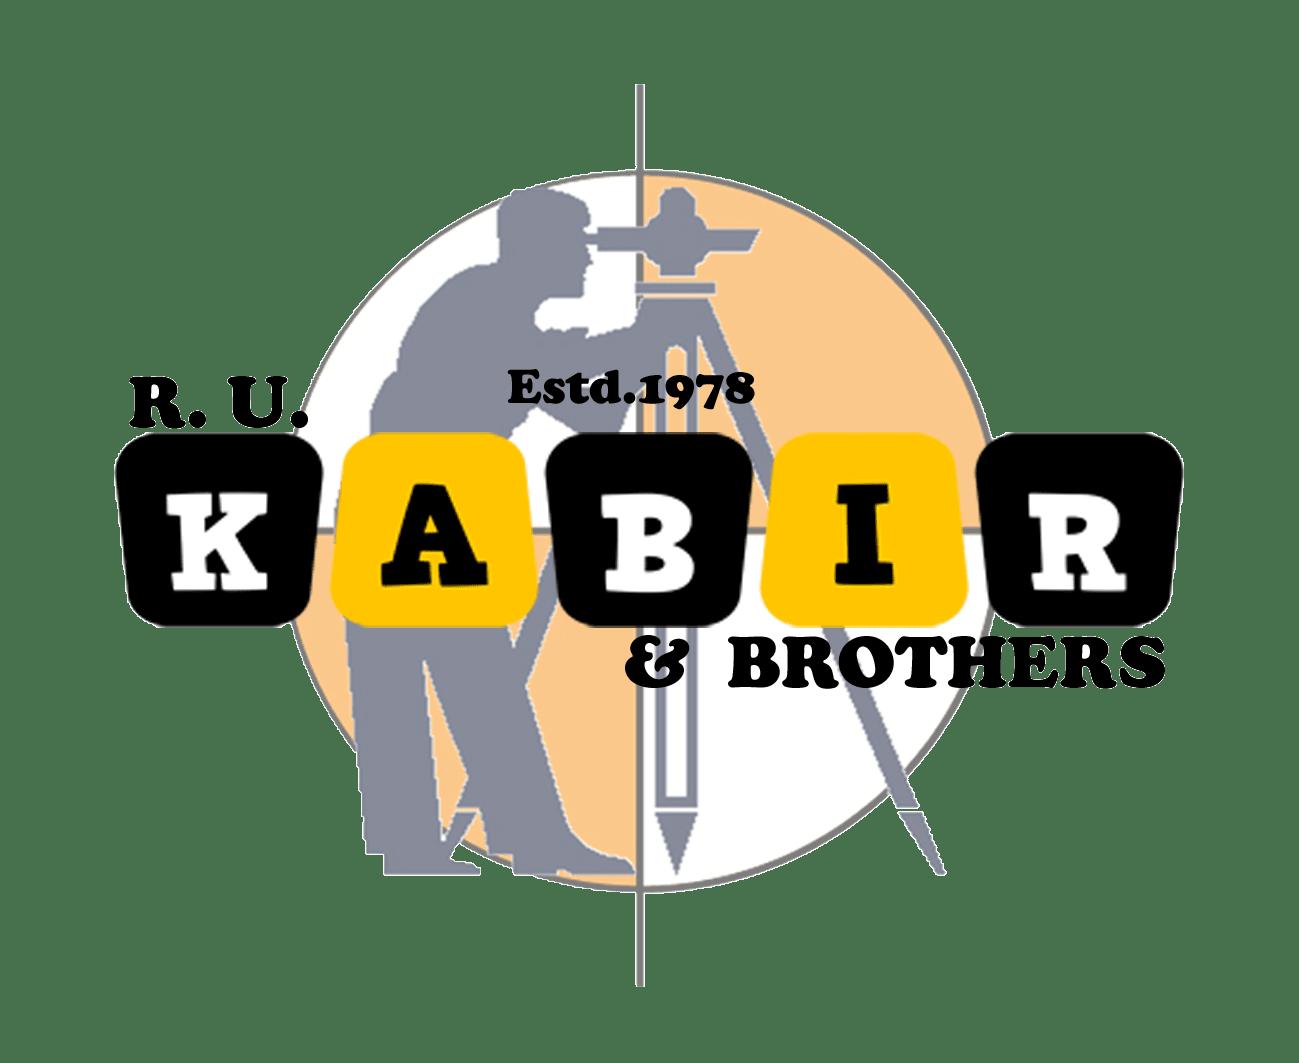 R. U. Kabir & Brothers